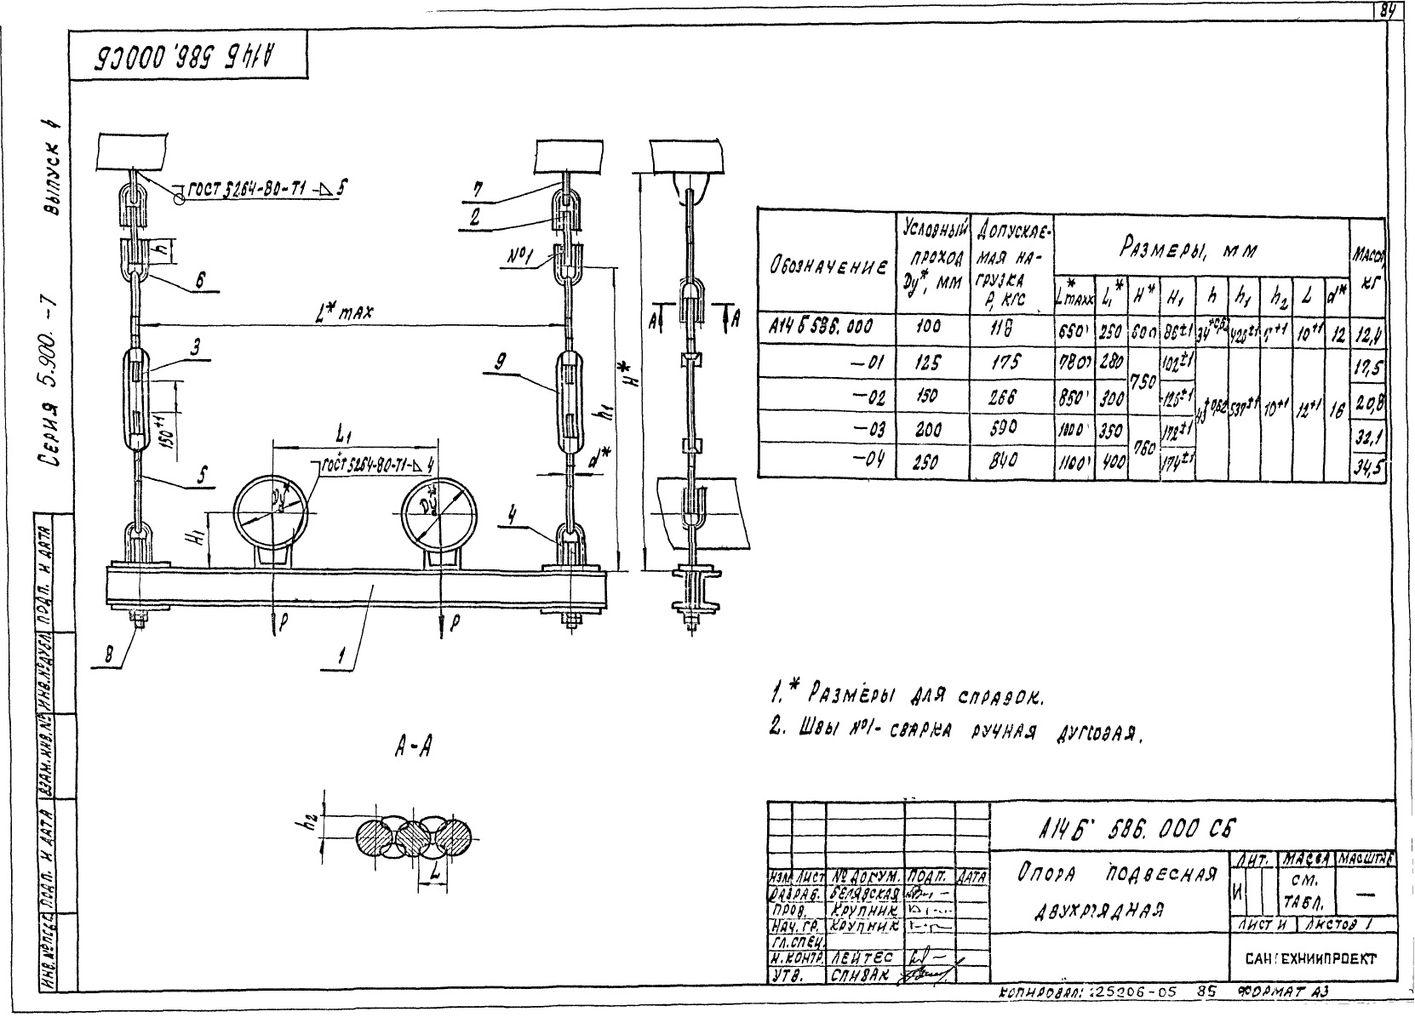 Опора подвесная двухрядная А14Б 586.000 СБ Серия 5.900-7 выпуск 4 стр.1